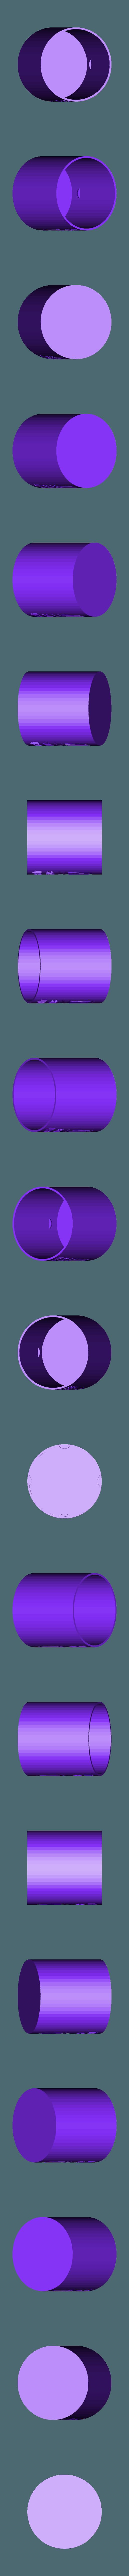 OUT.stl Télécharger fichier STL TRASH CAPS - Poubelle pour dosettes et capsules de café • Design à imprimer en 3D, lartiste3D